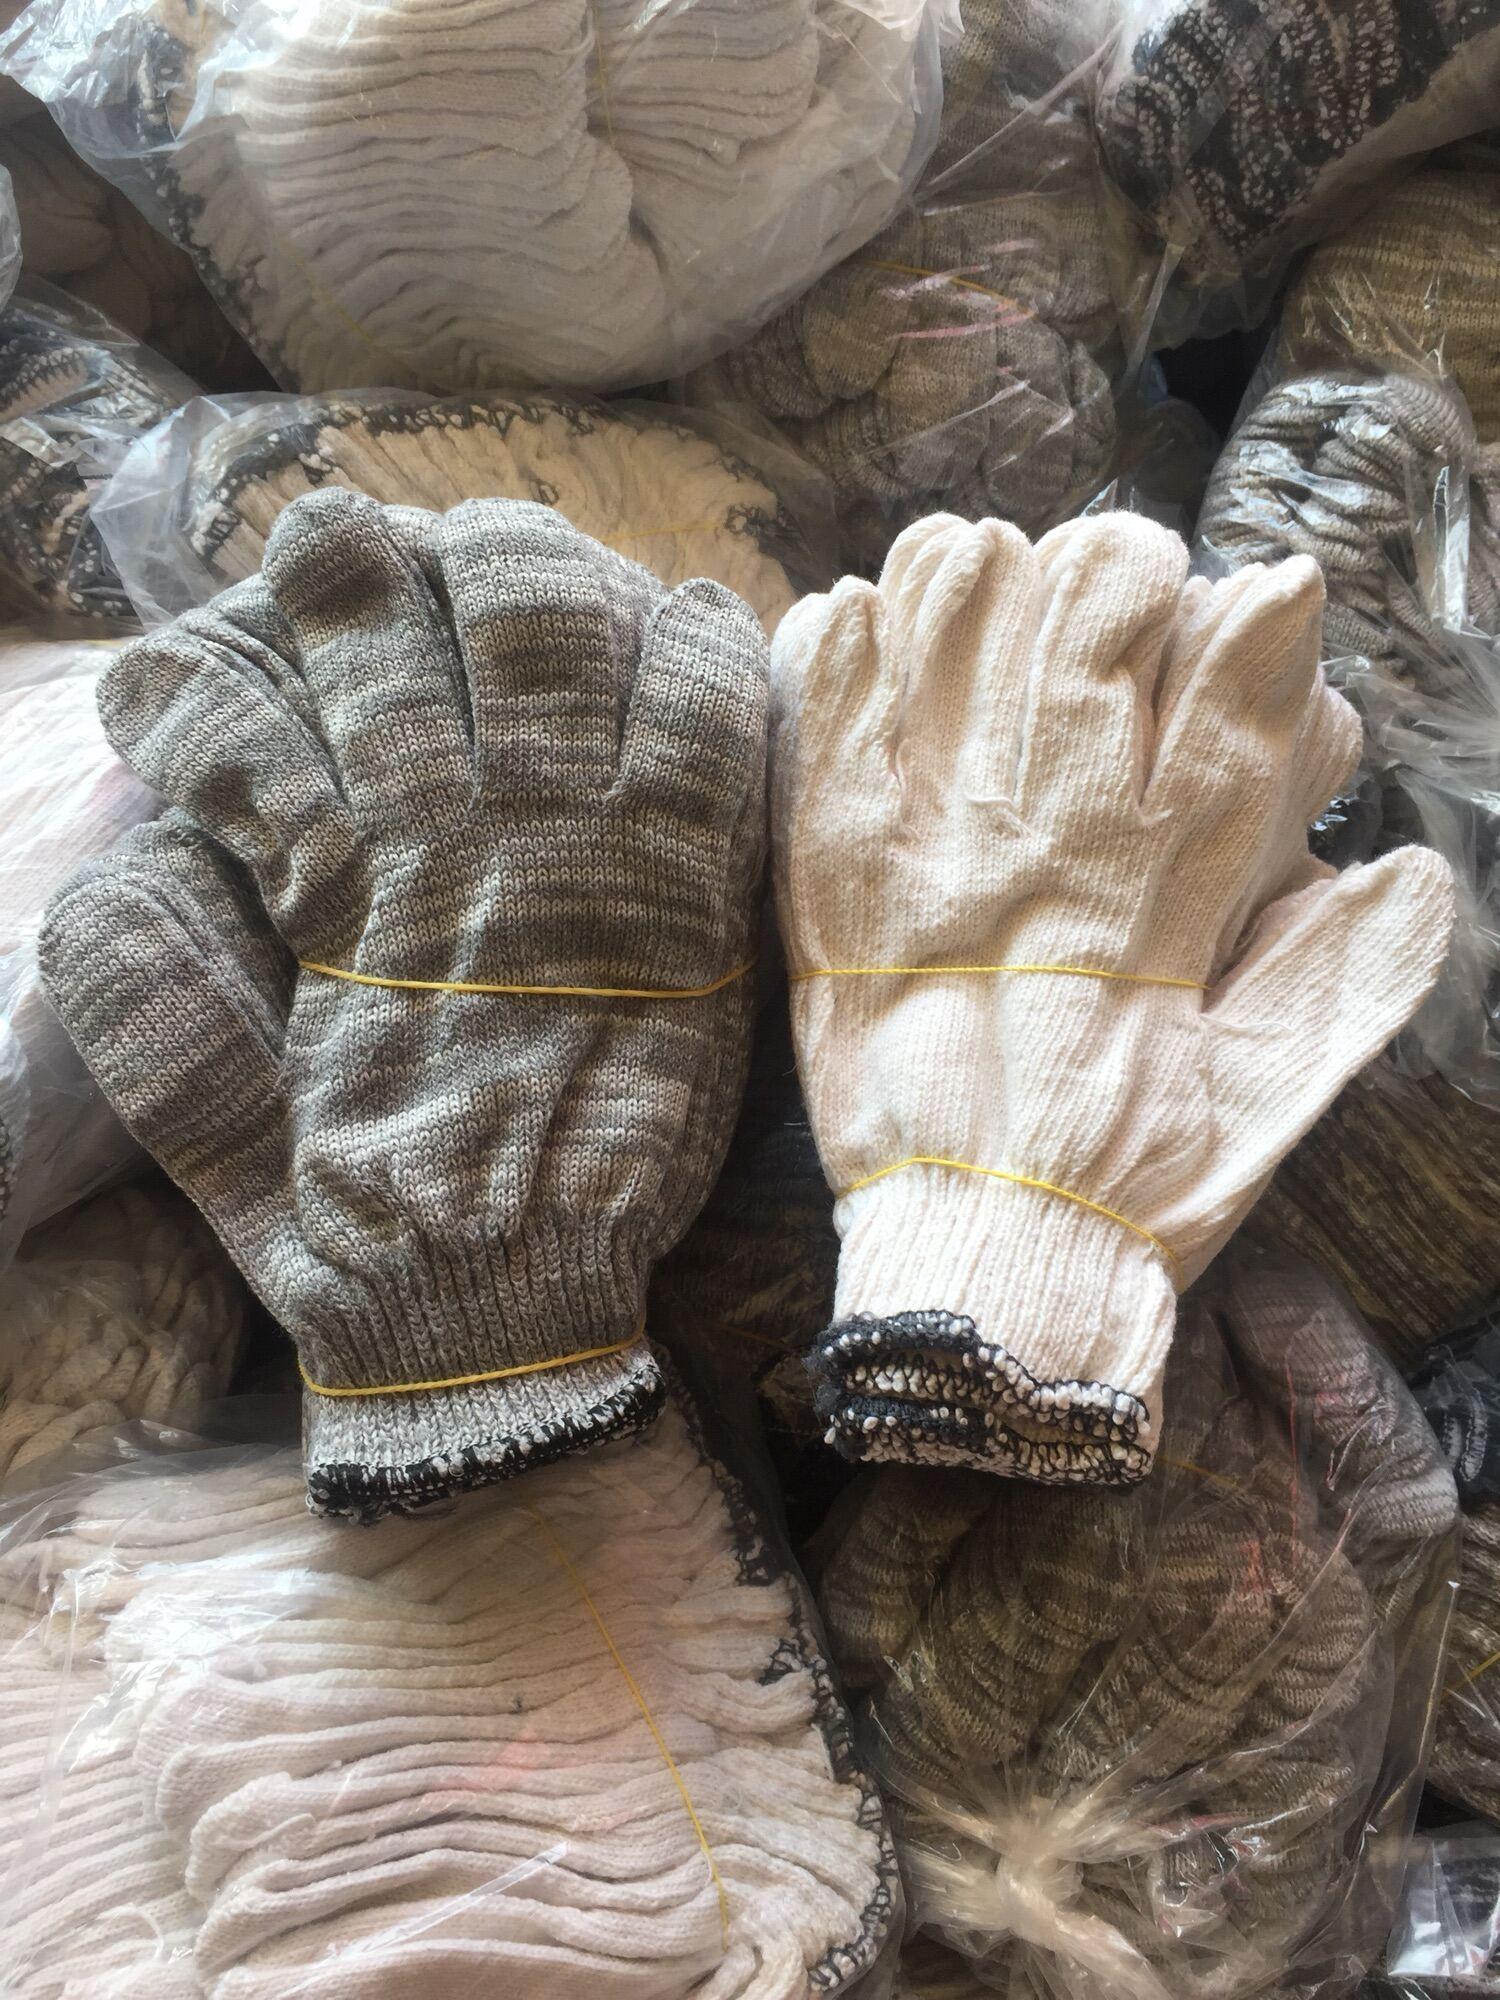 Giá bán 10 đôi gang tay vải lao động/400g